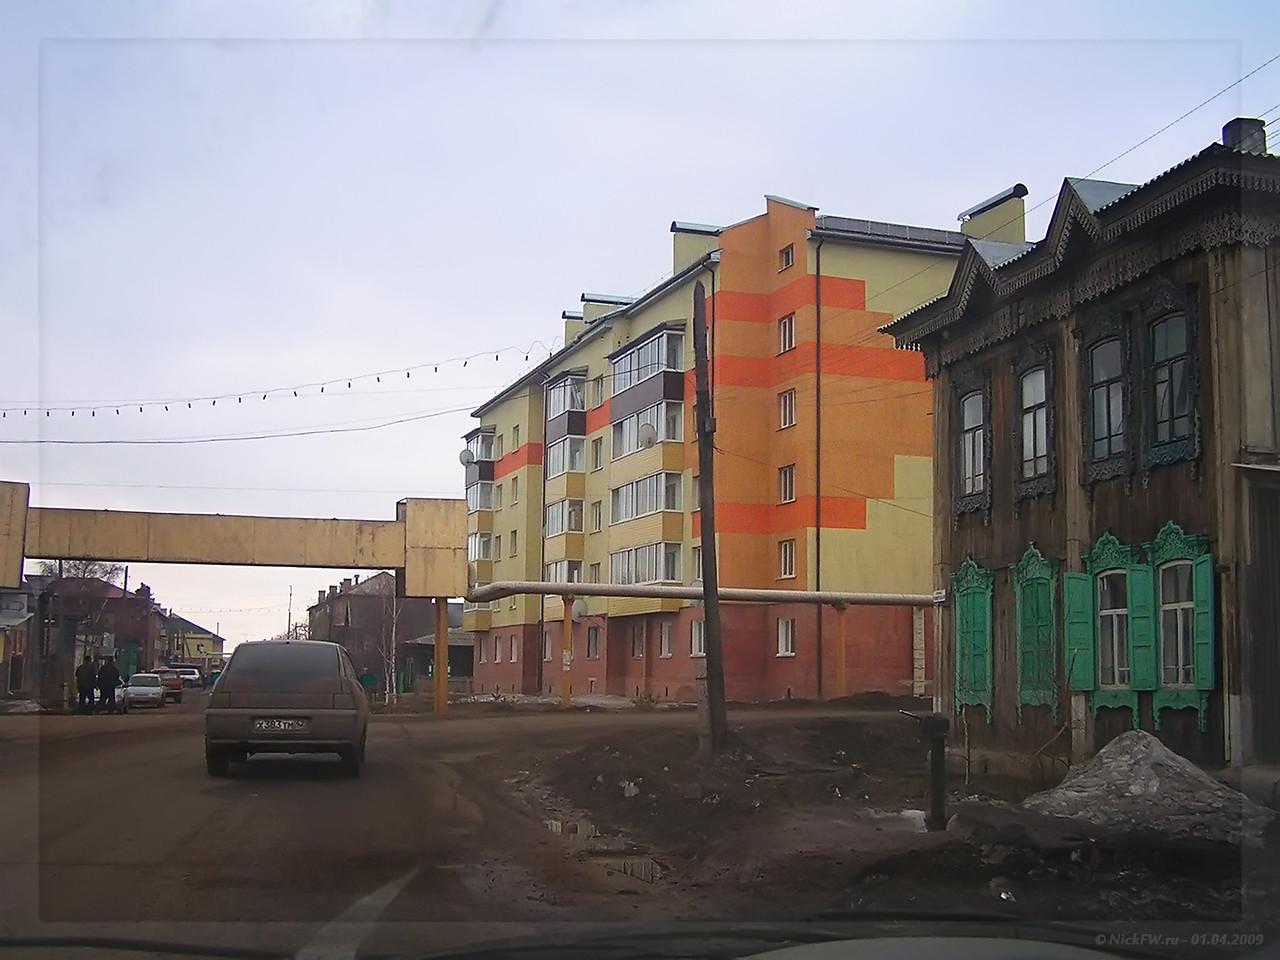 Угол Советской и Карла Маркса - Мариинск (© NickFW - 01.04.2009)